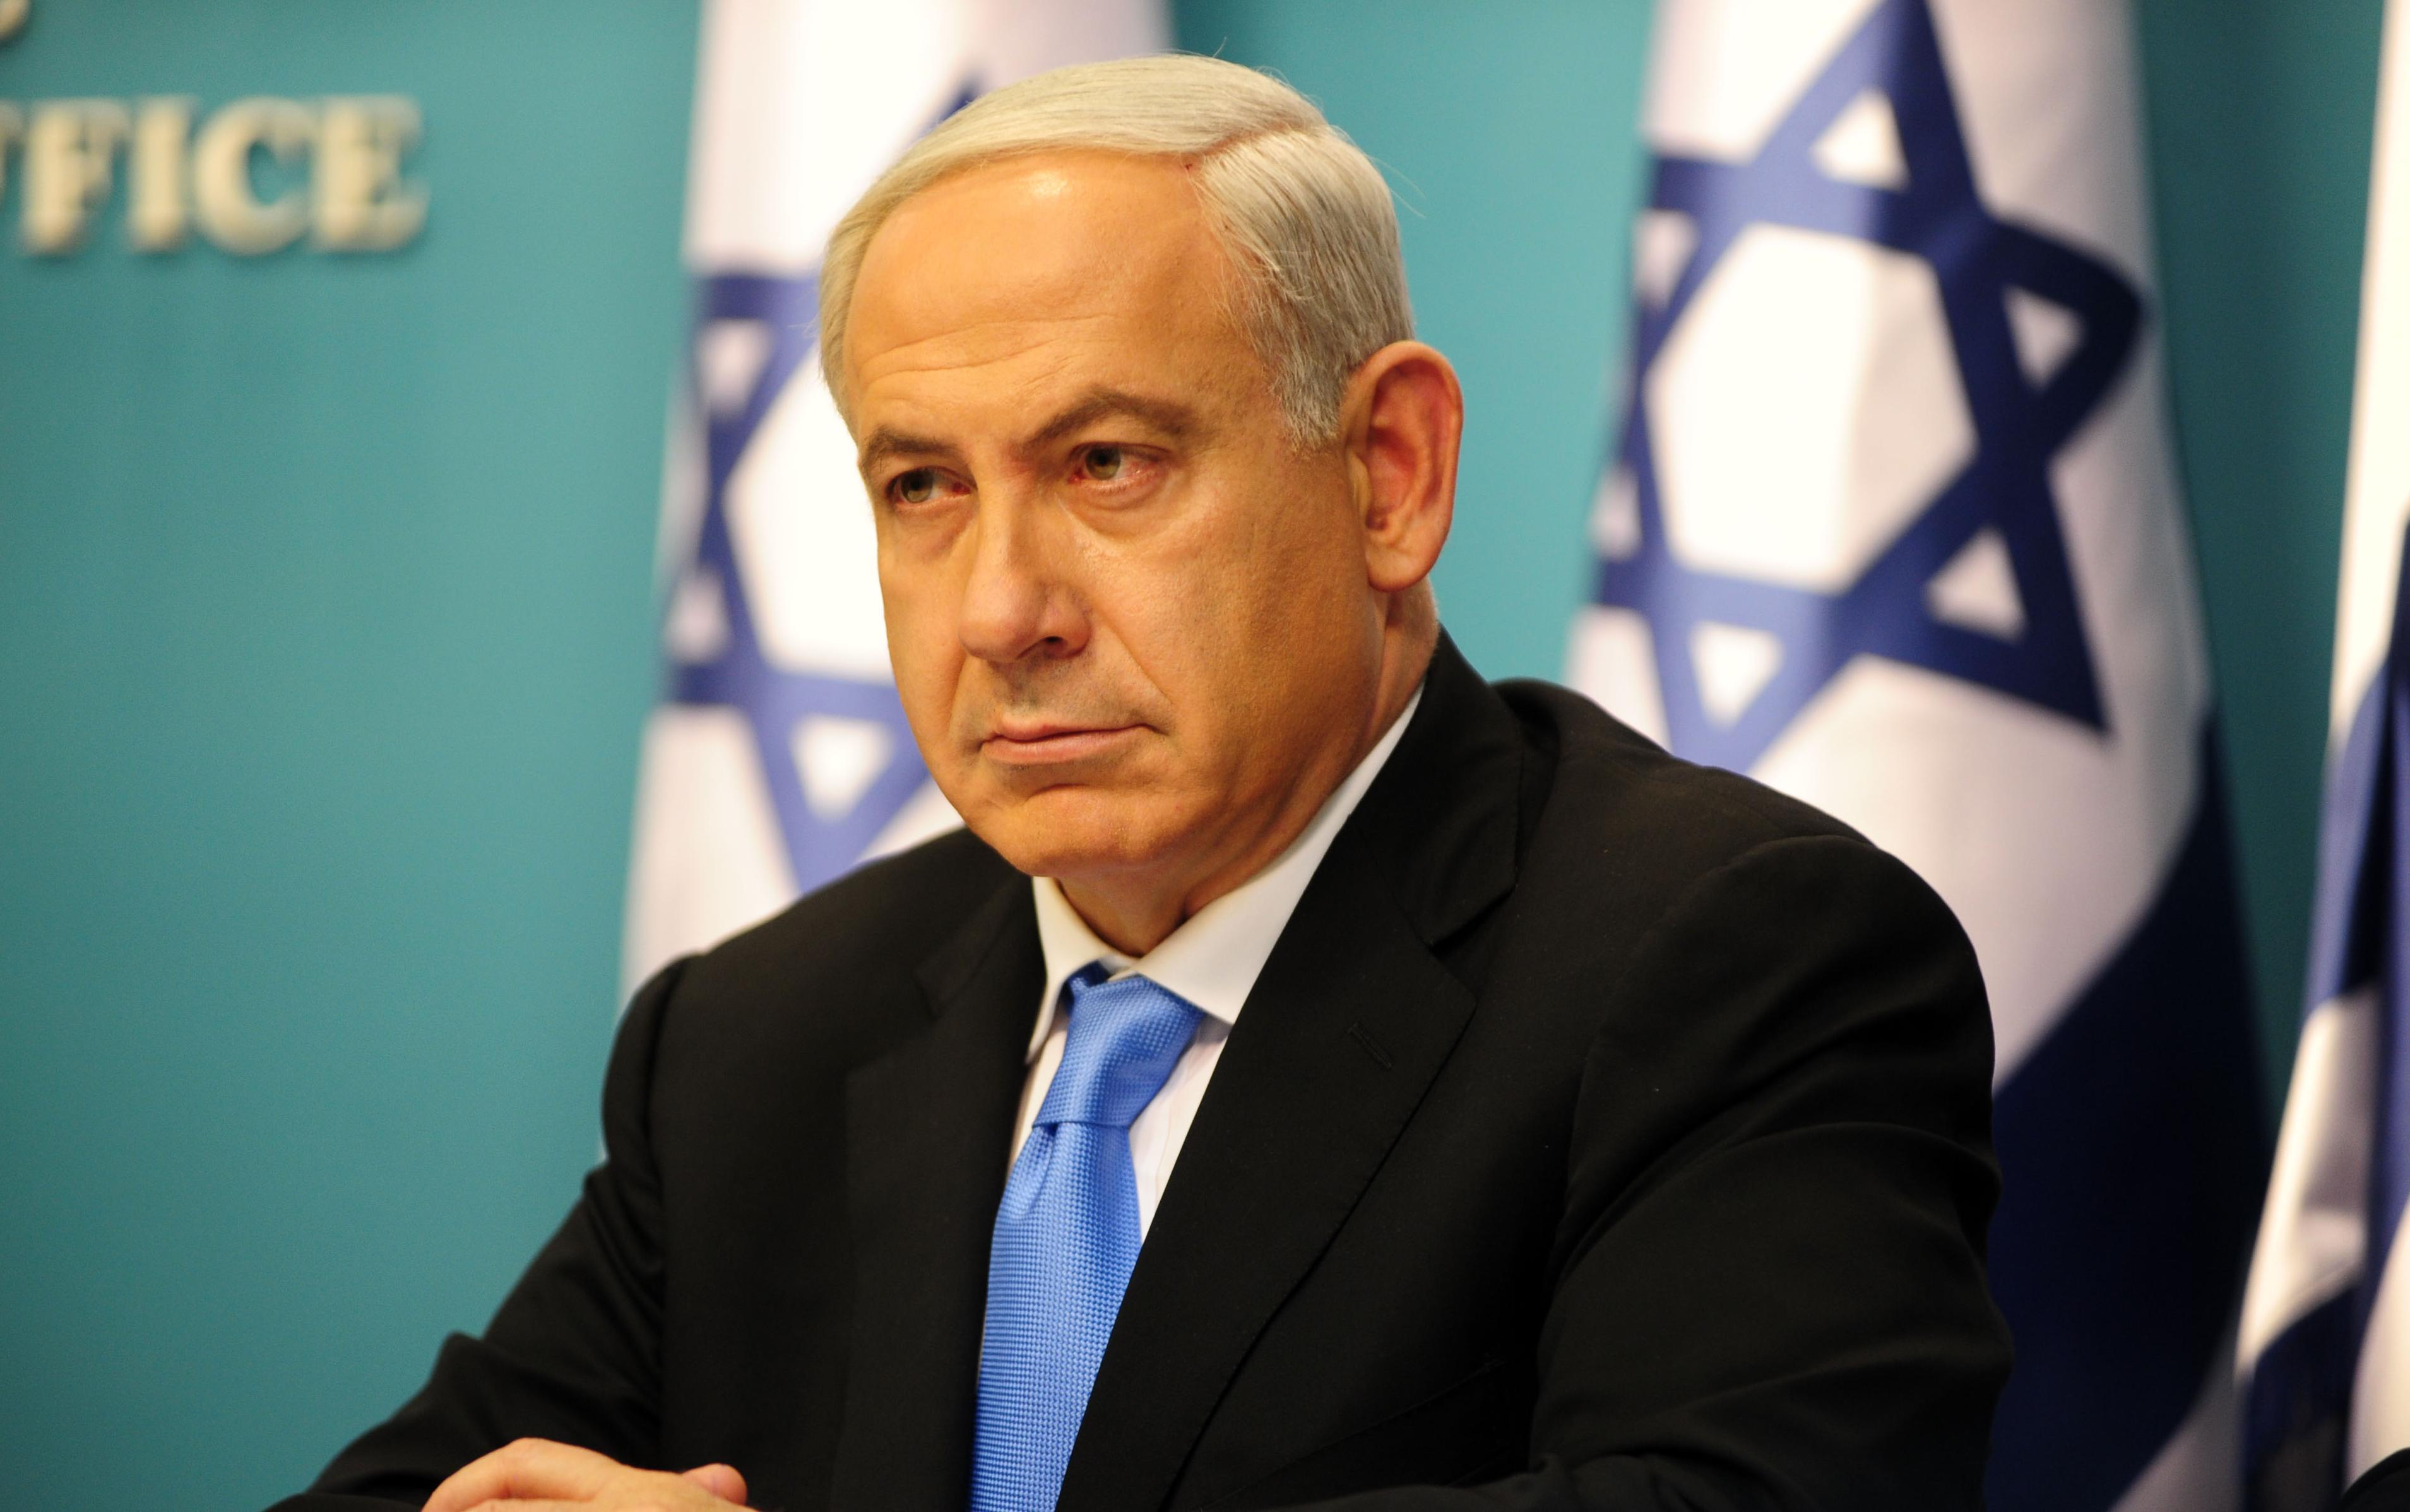 نتنياهو يجري إتصالات مع واشنطن لفرض سيادة إسرائيل على الضفة